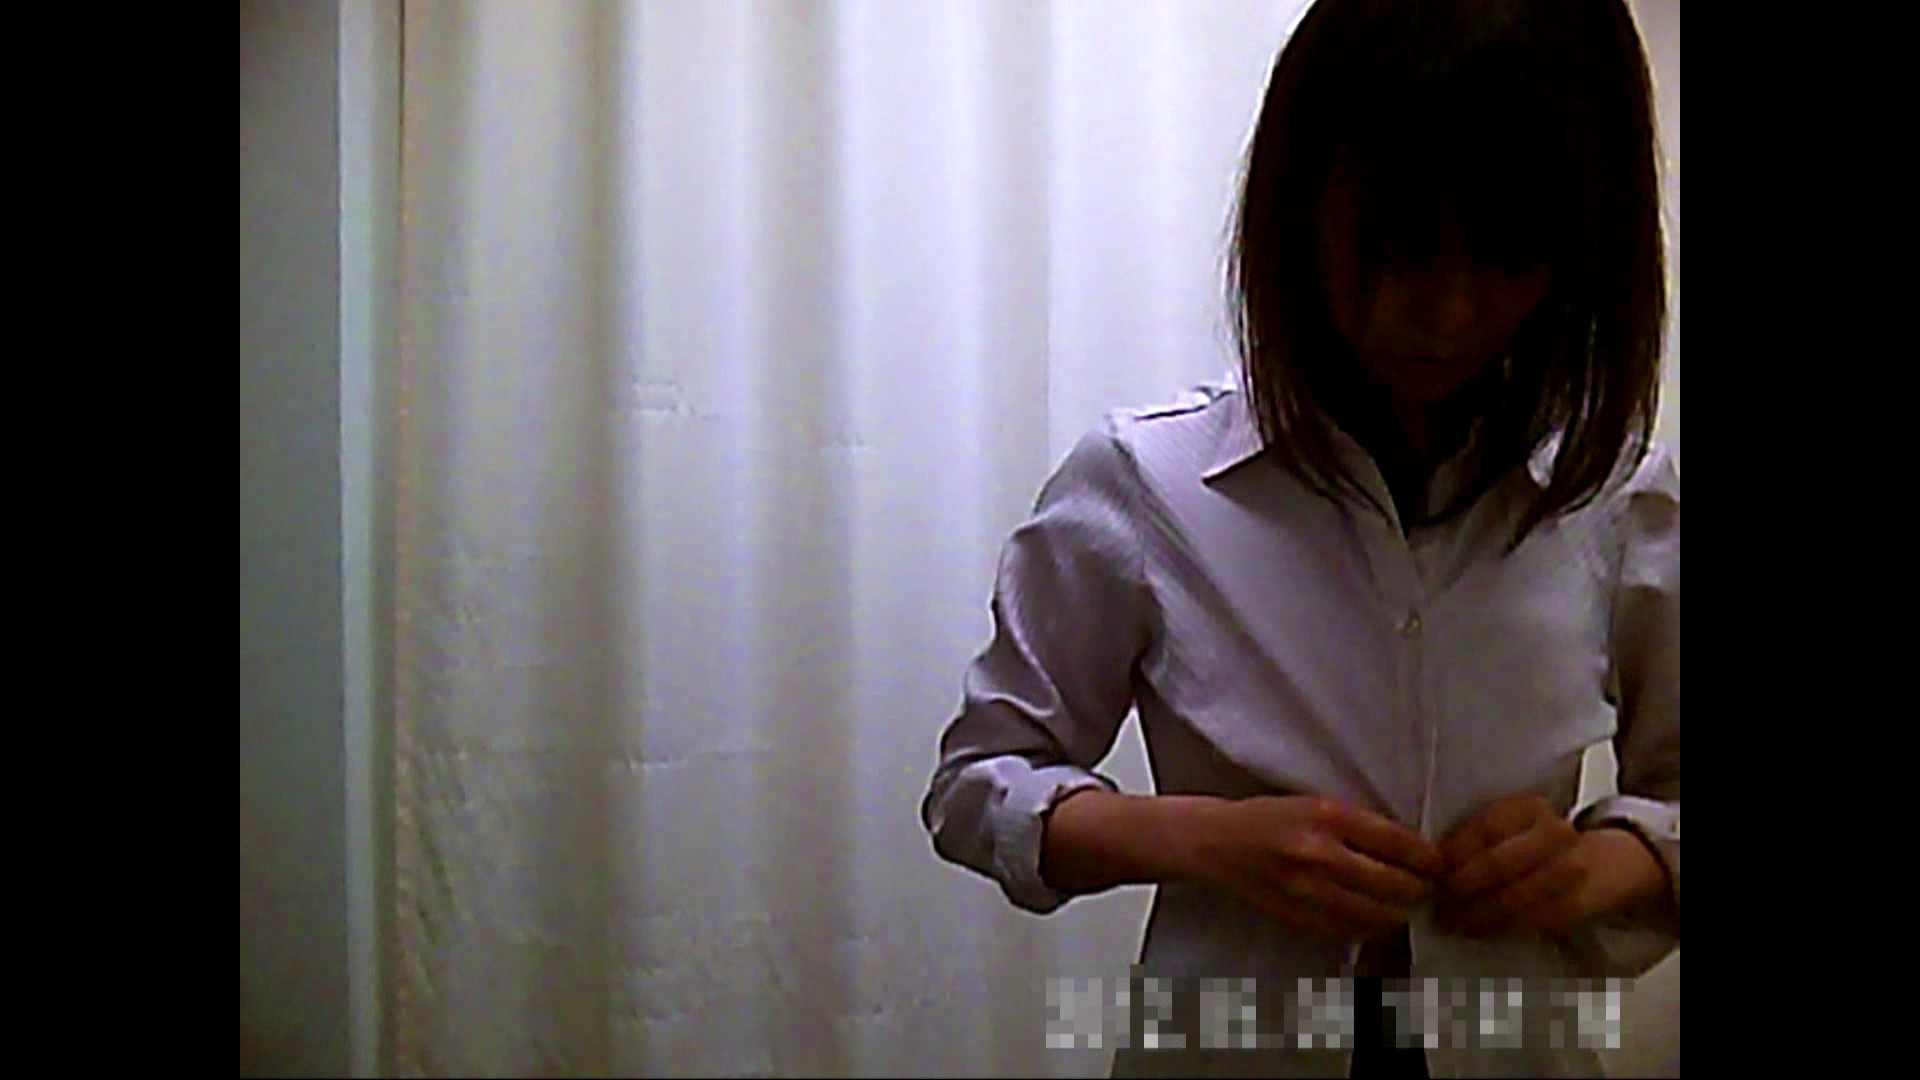 元医者による反抗 更衣室地獄絵巻 vol.001 OLの実態 | 0  56pic 19